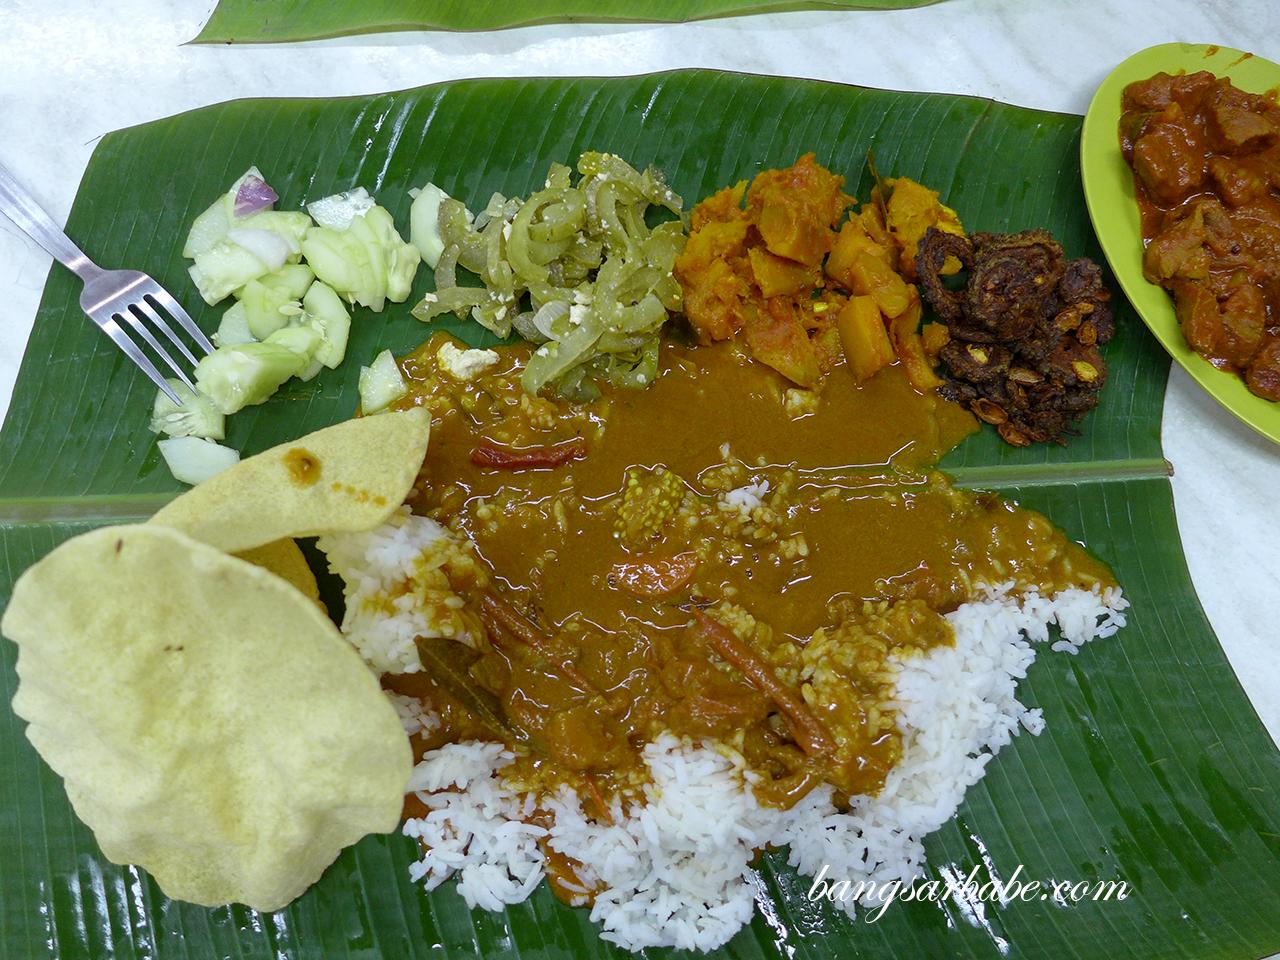 Ravi S Banana Leaf Solaris Mont Kiara Bangsar Babe